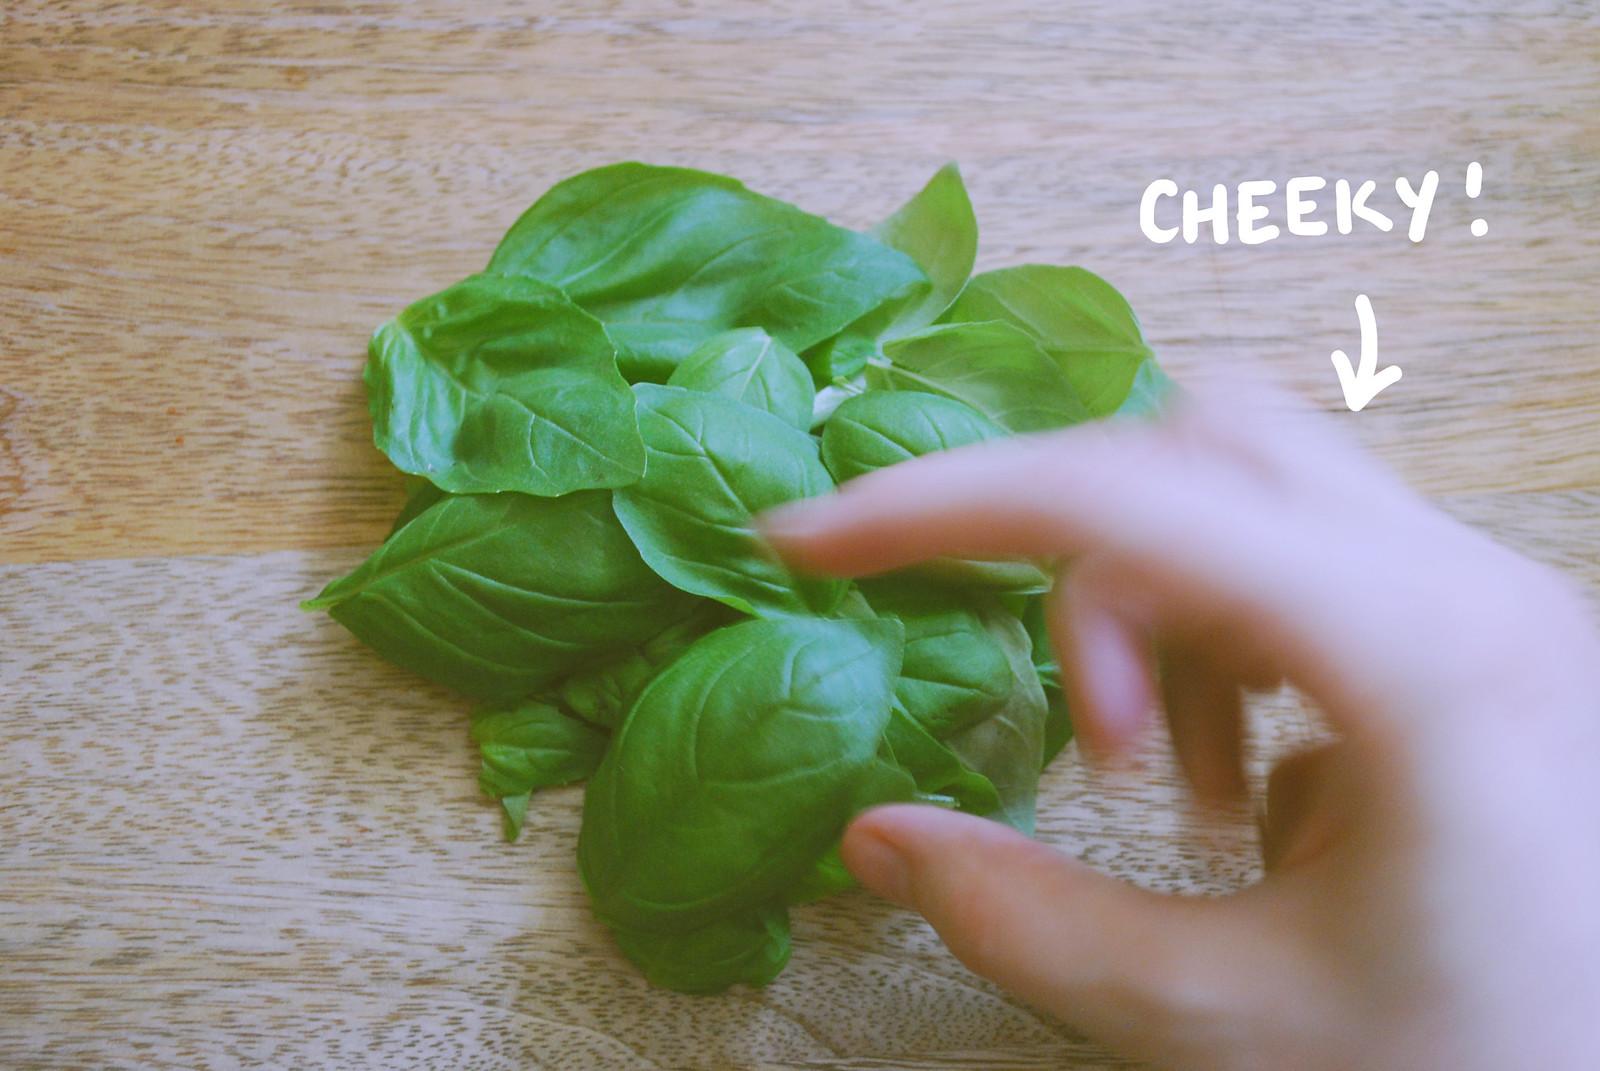 Cheeky Basil herbs